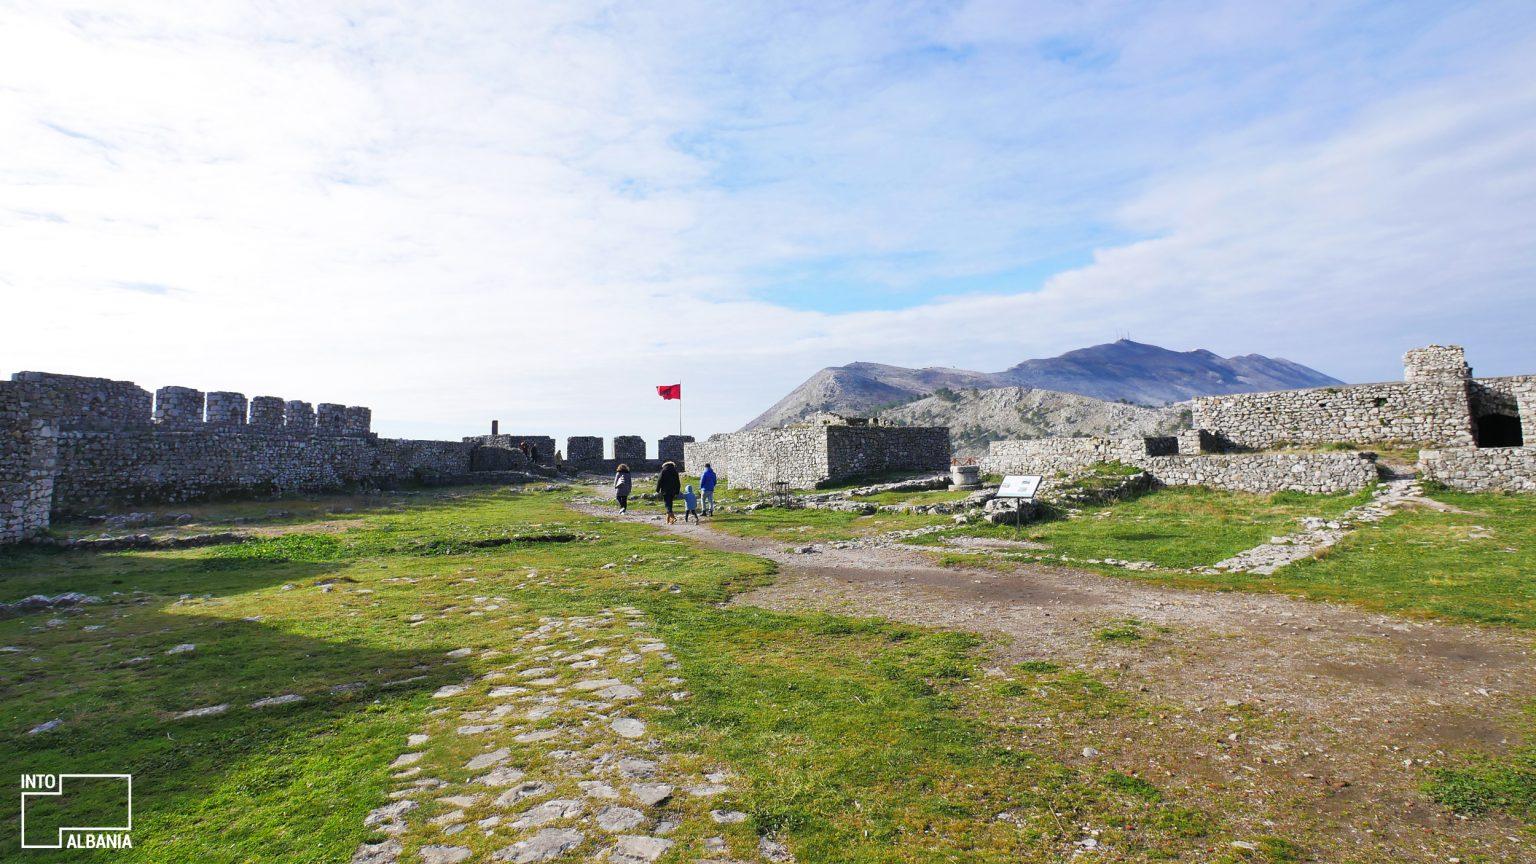 Rozafa Castle, Shkodra, photo by IntoAlbania